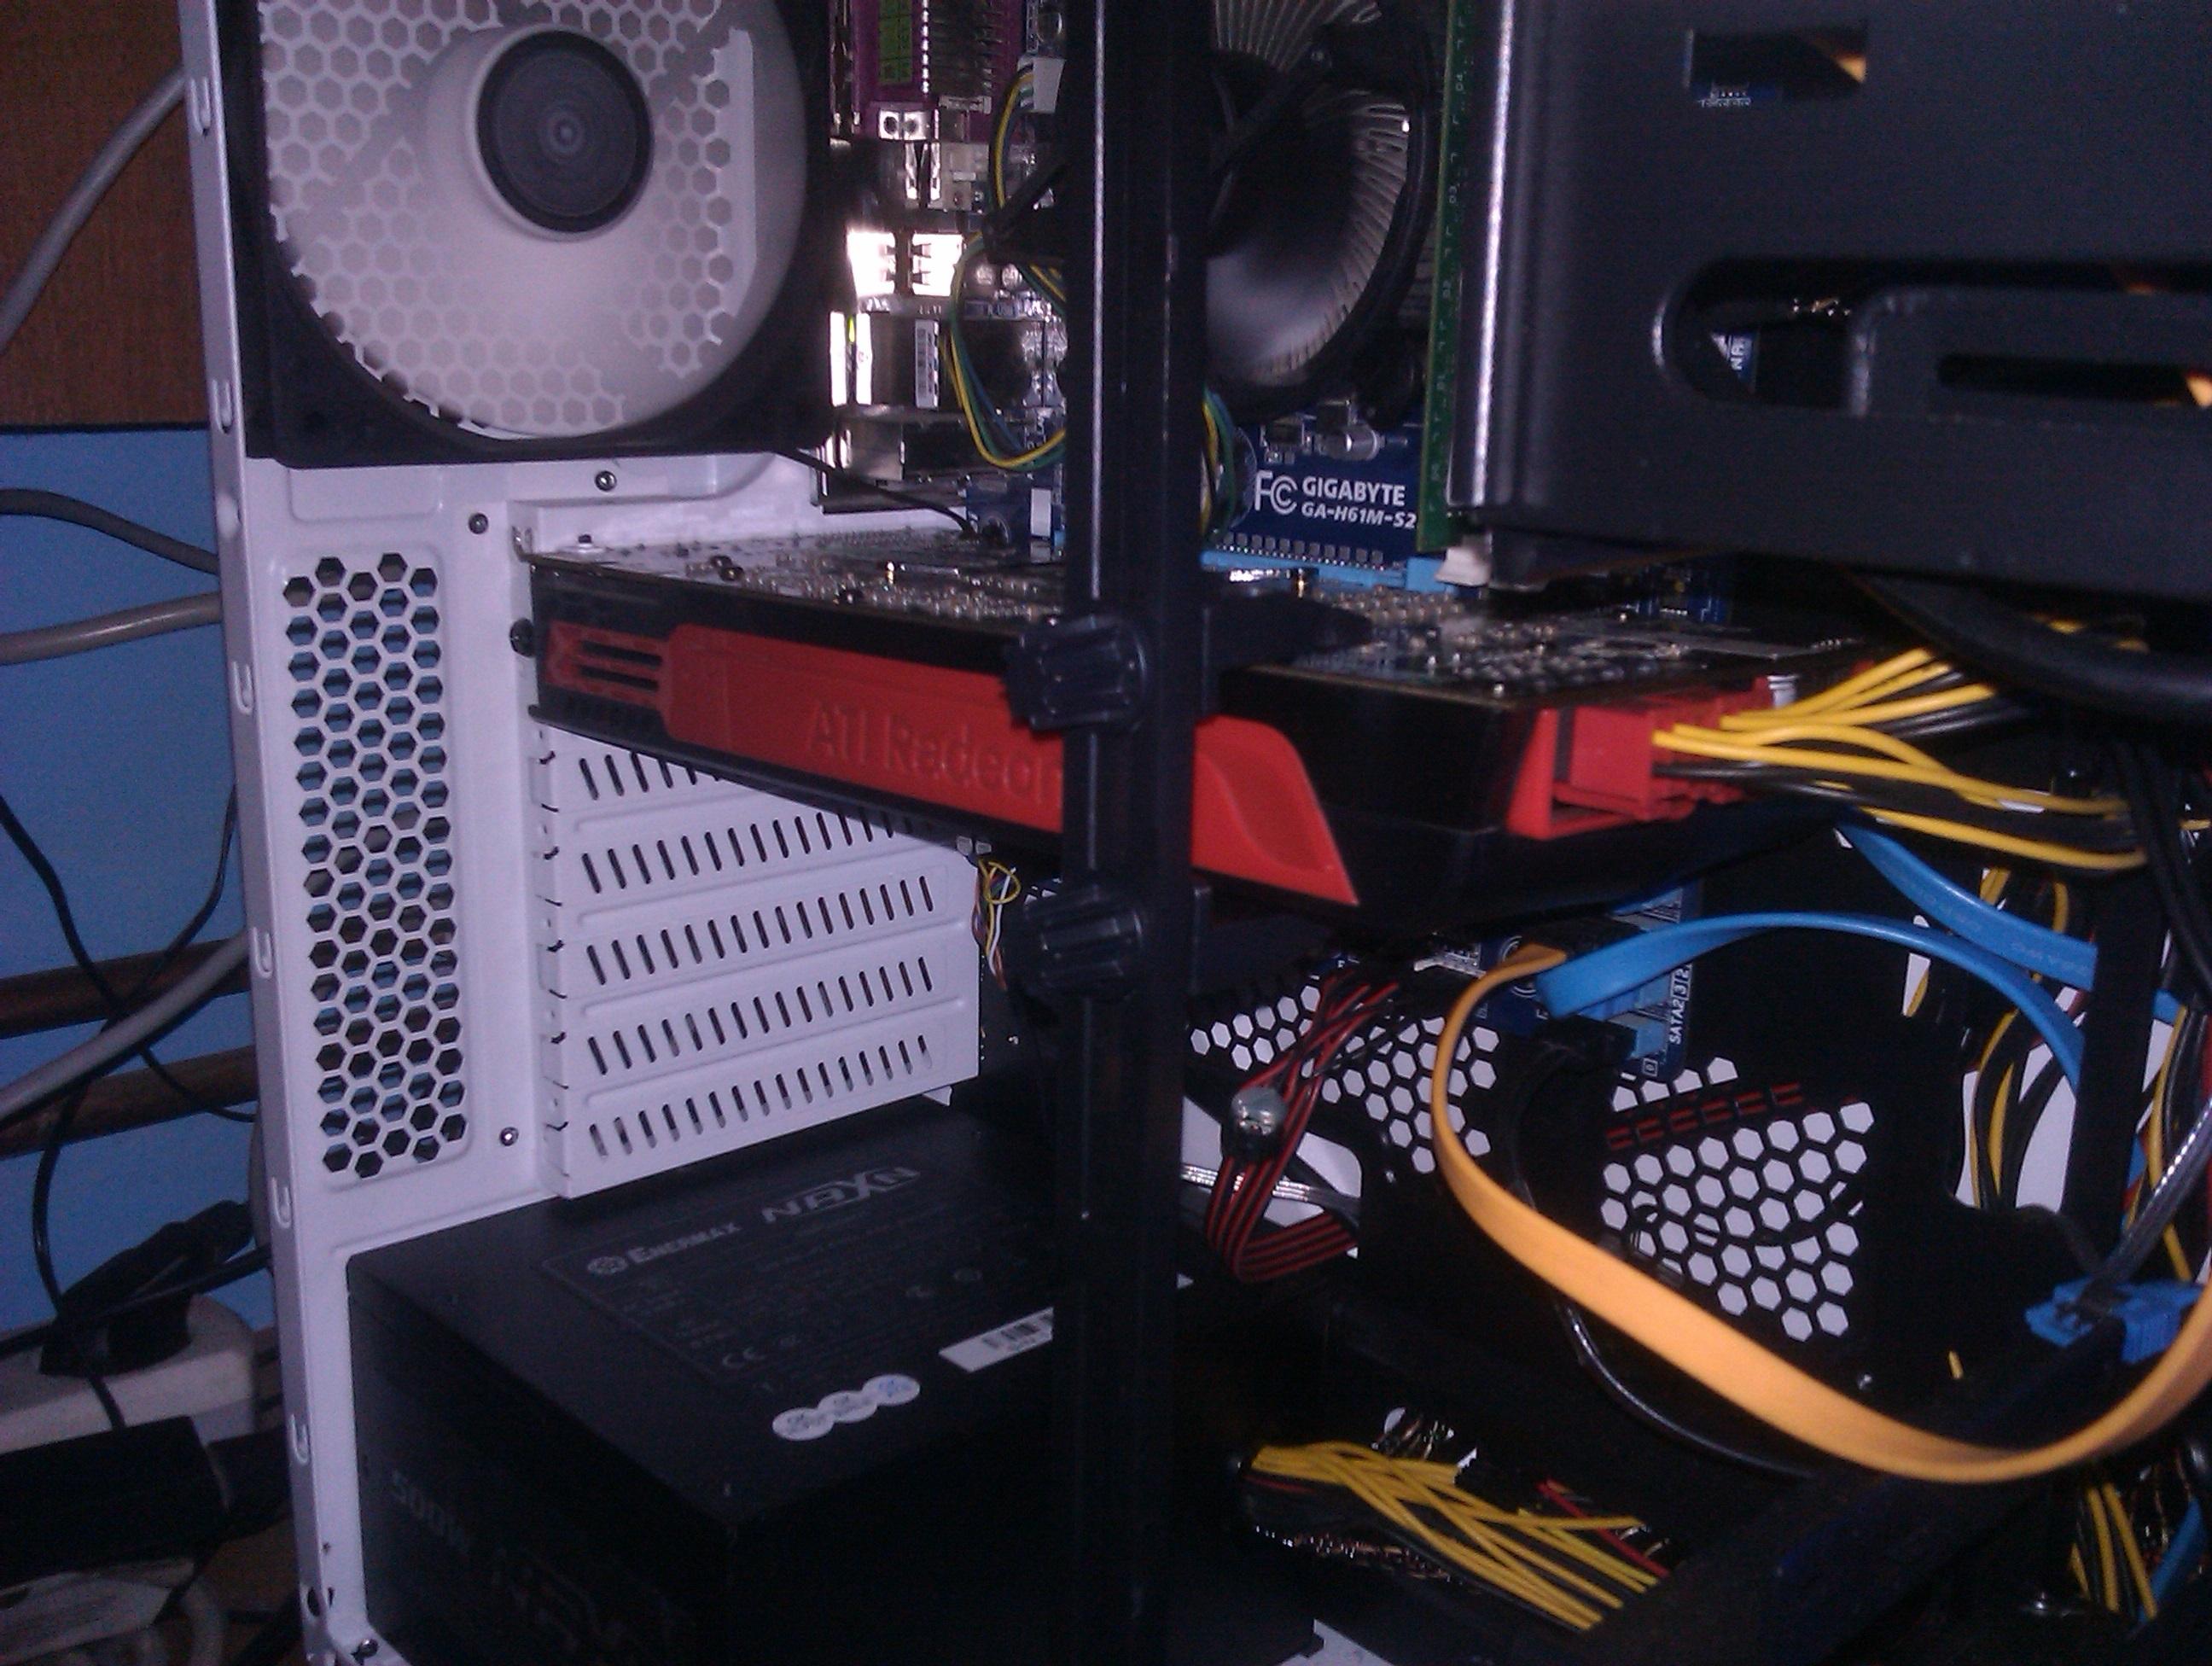 Radeon HD5850 - Problemy z uruchomieniem komputera za pierwszym razem